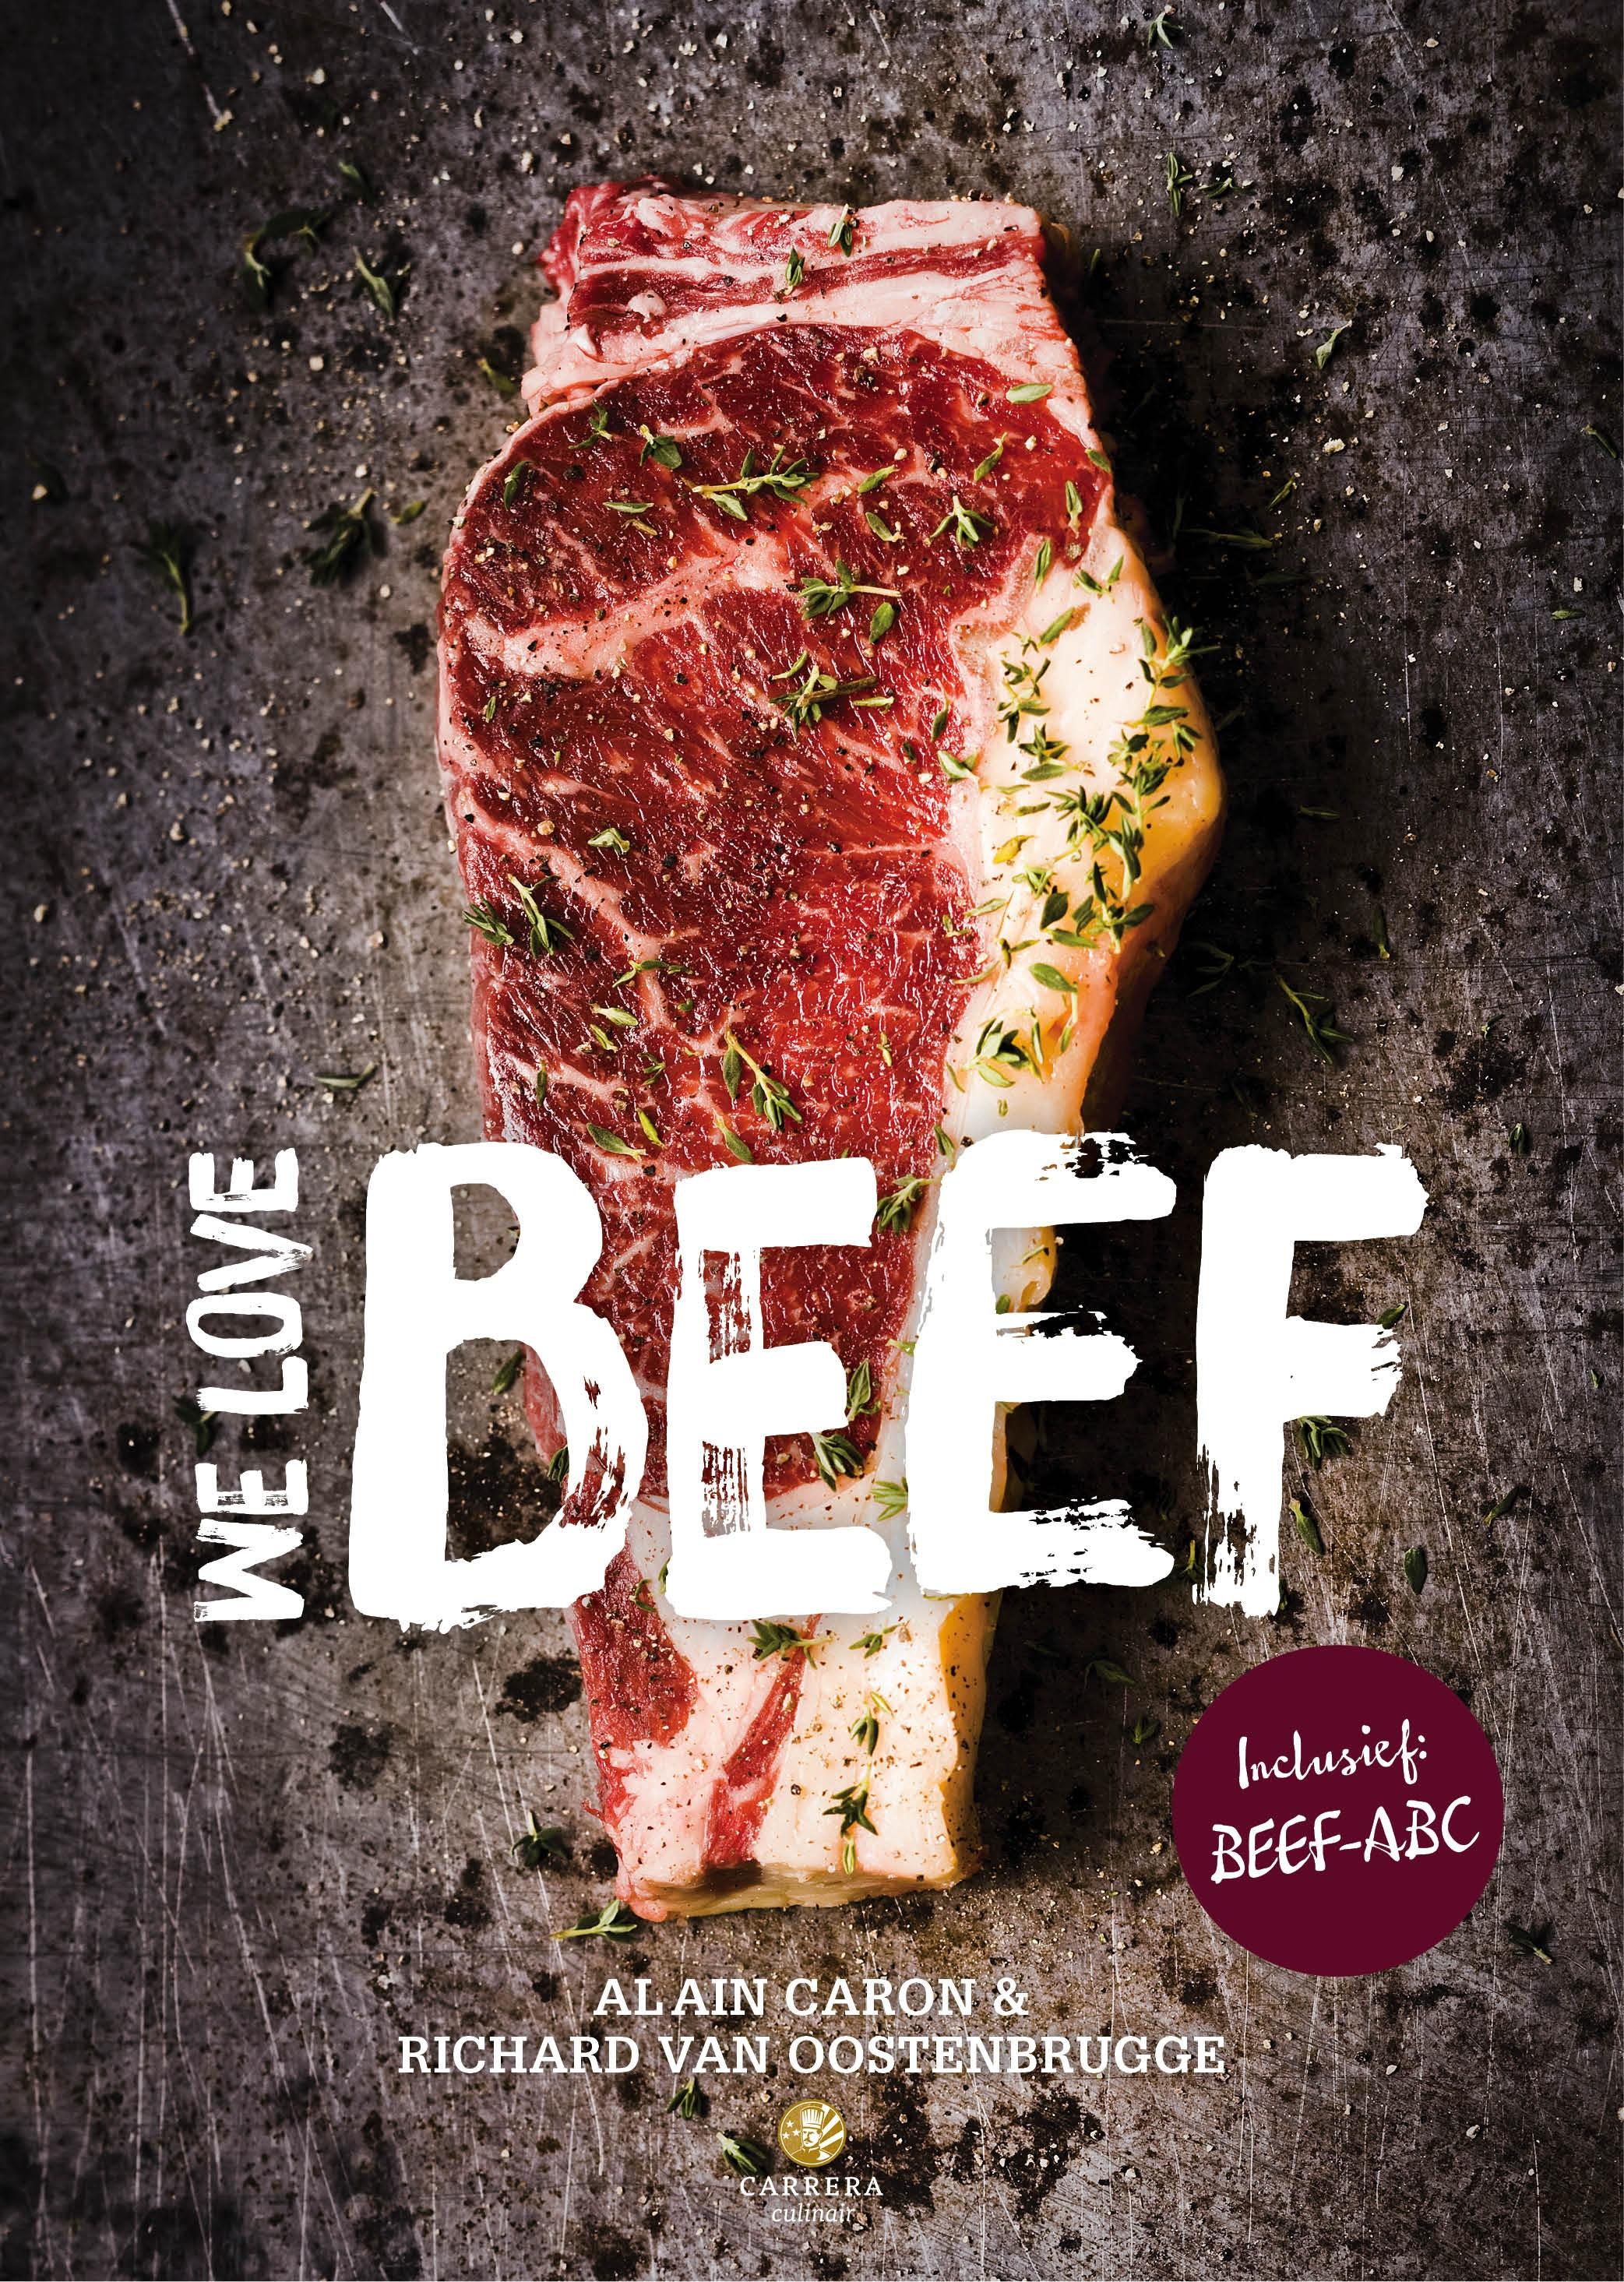 We love beef